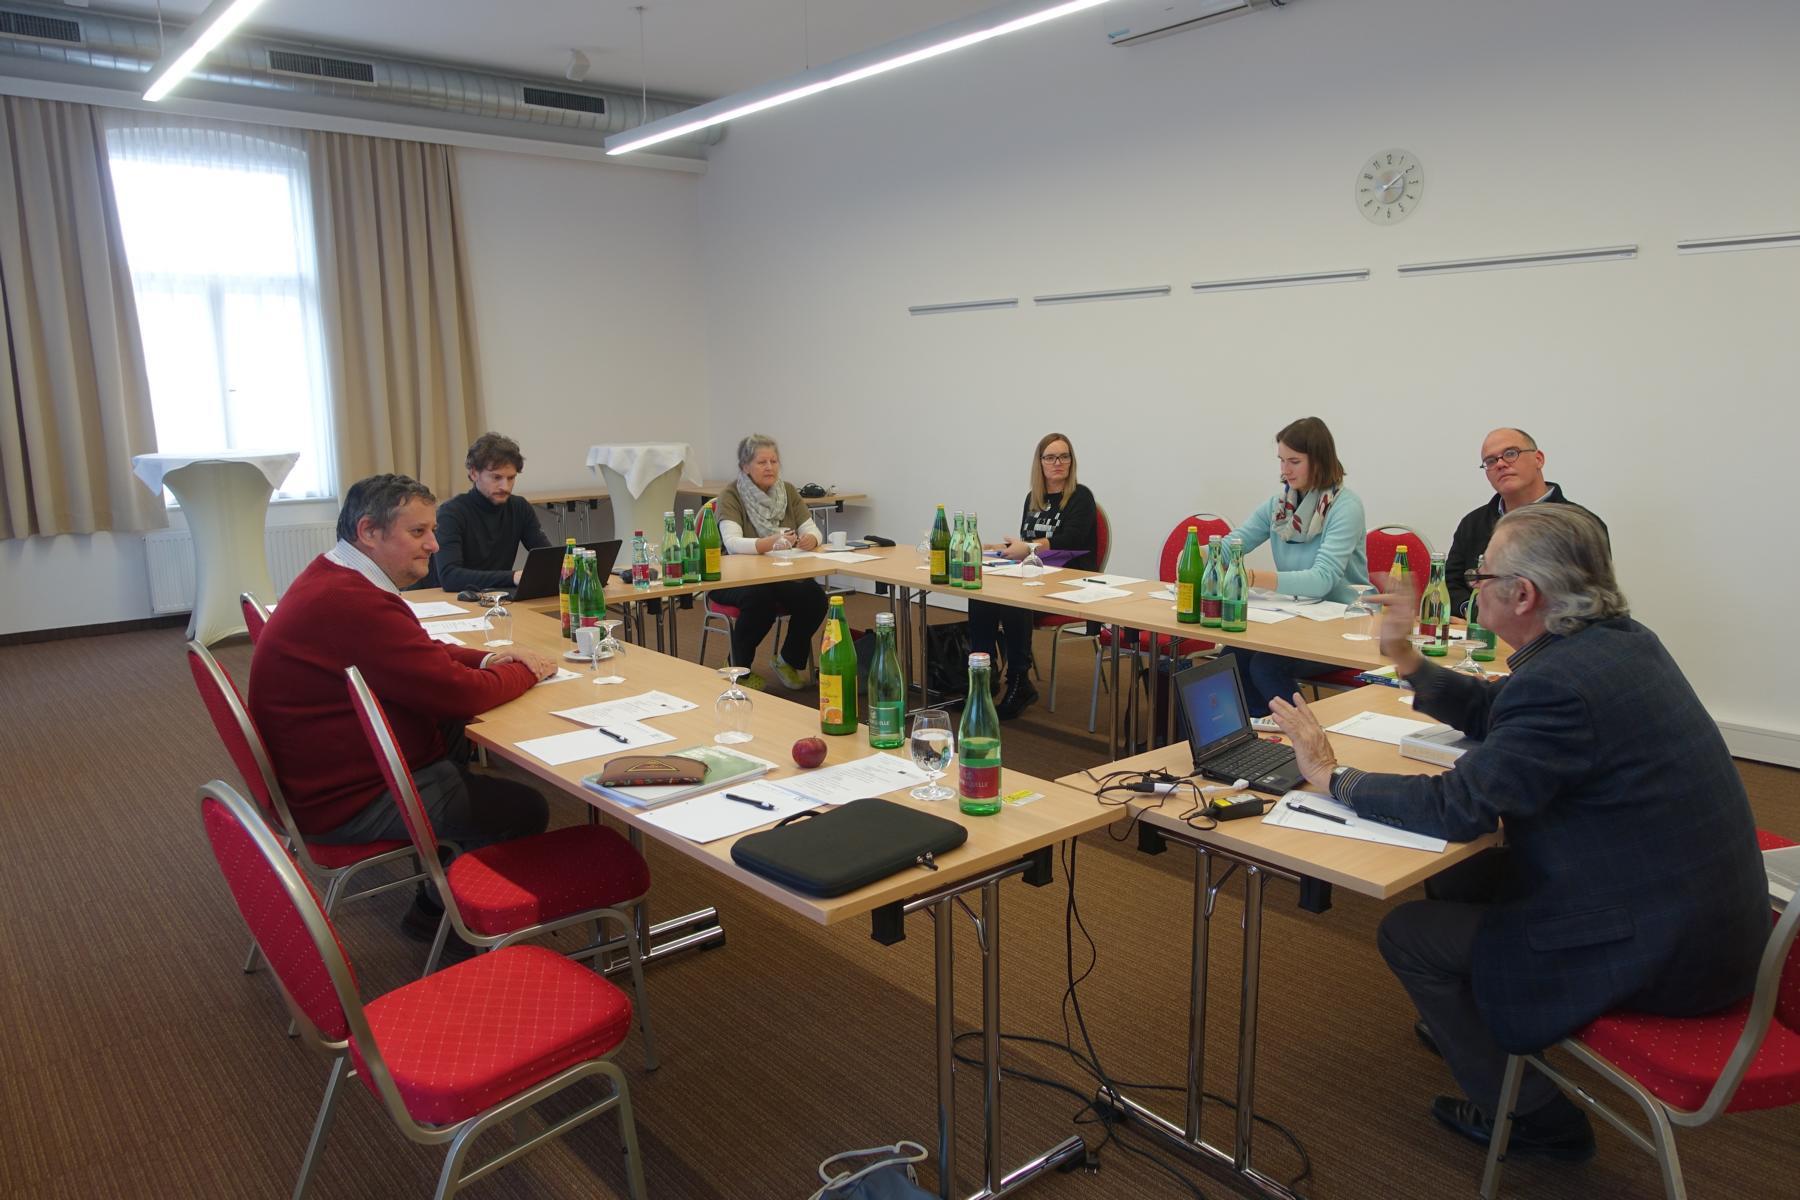 """Im Seminarraum namens """"Weinviertel im City Hotel D&C in St. Pölten."""